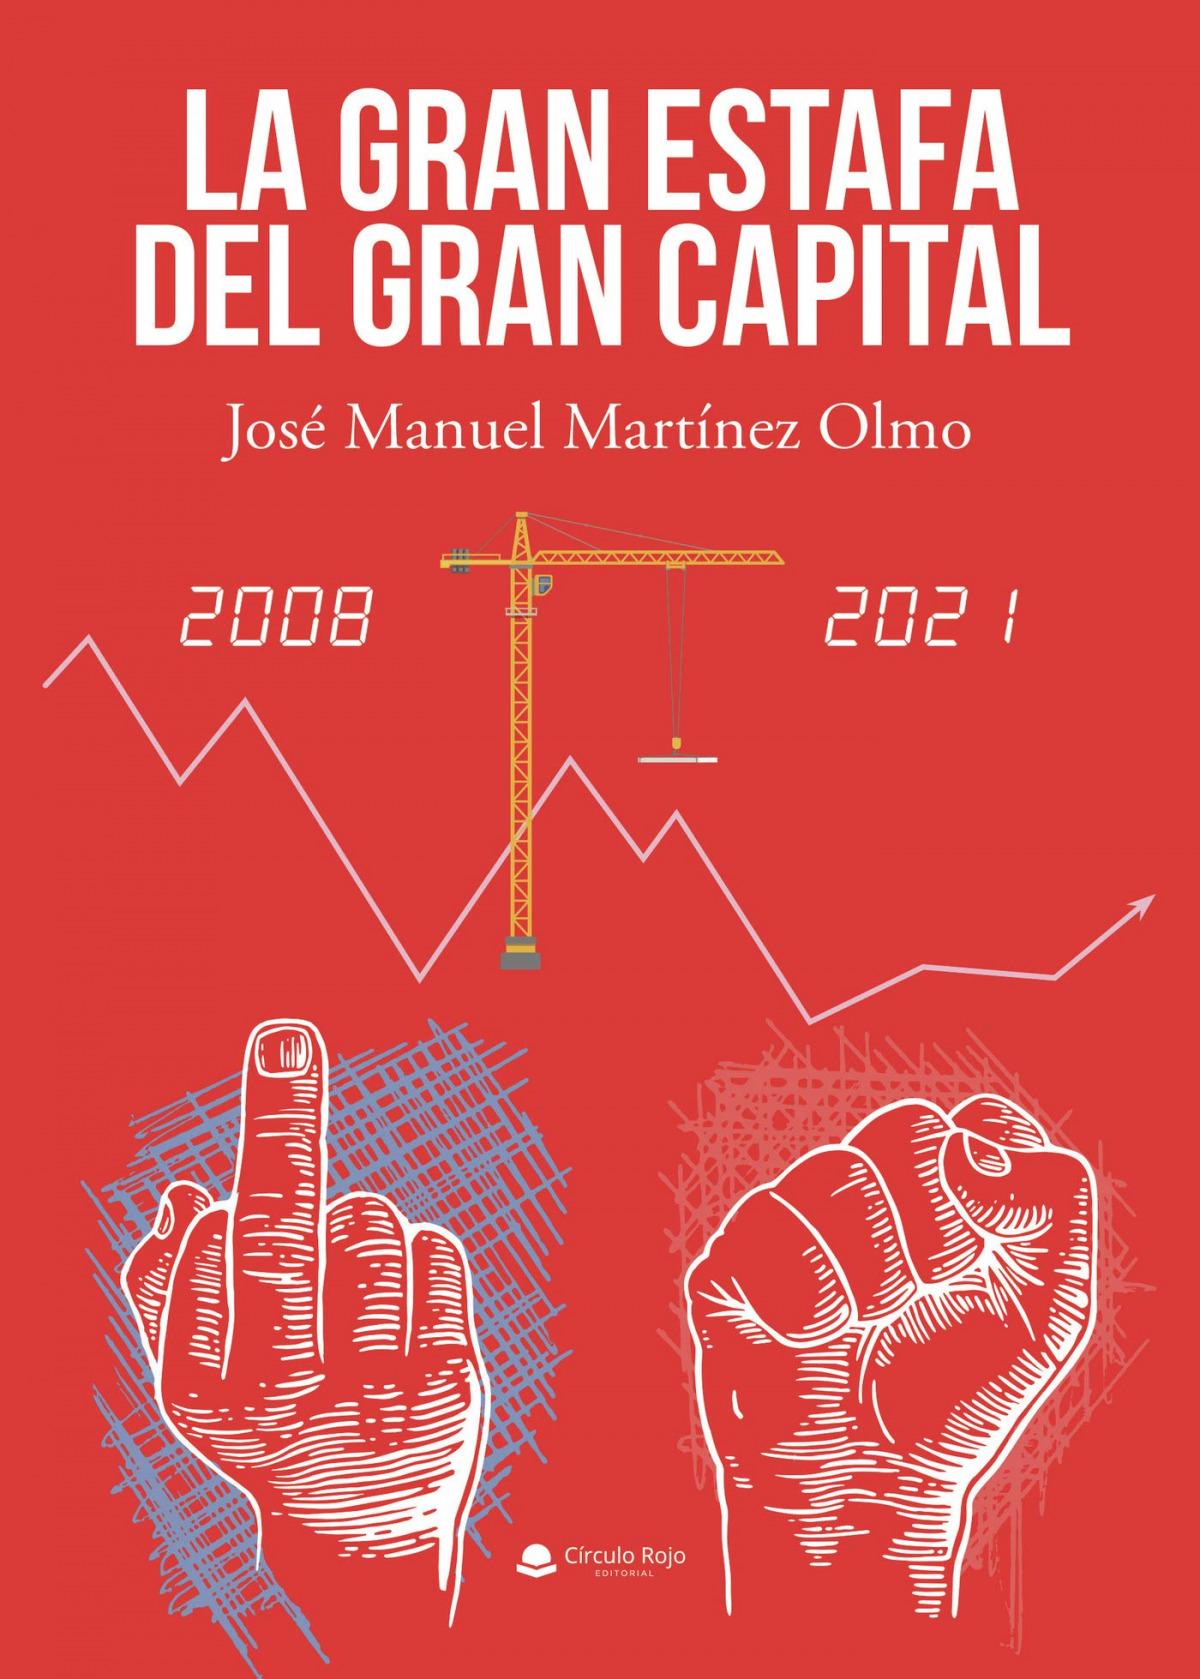 La gran estafa del gran capital